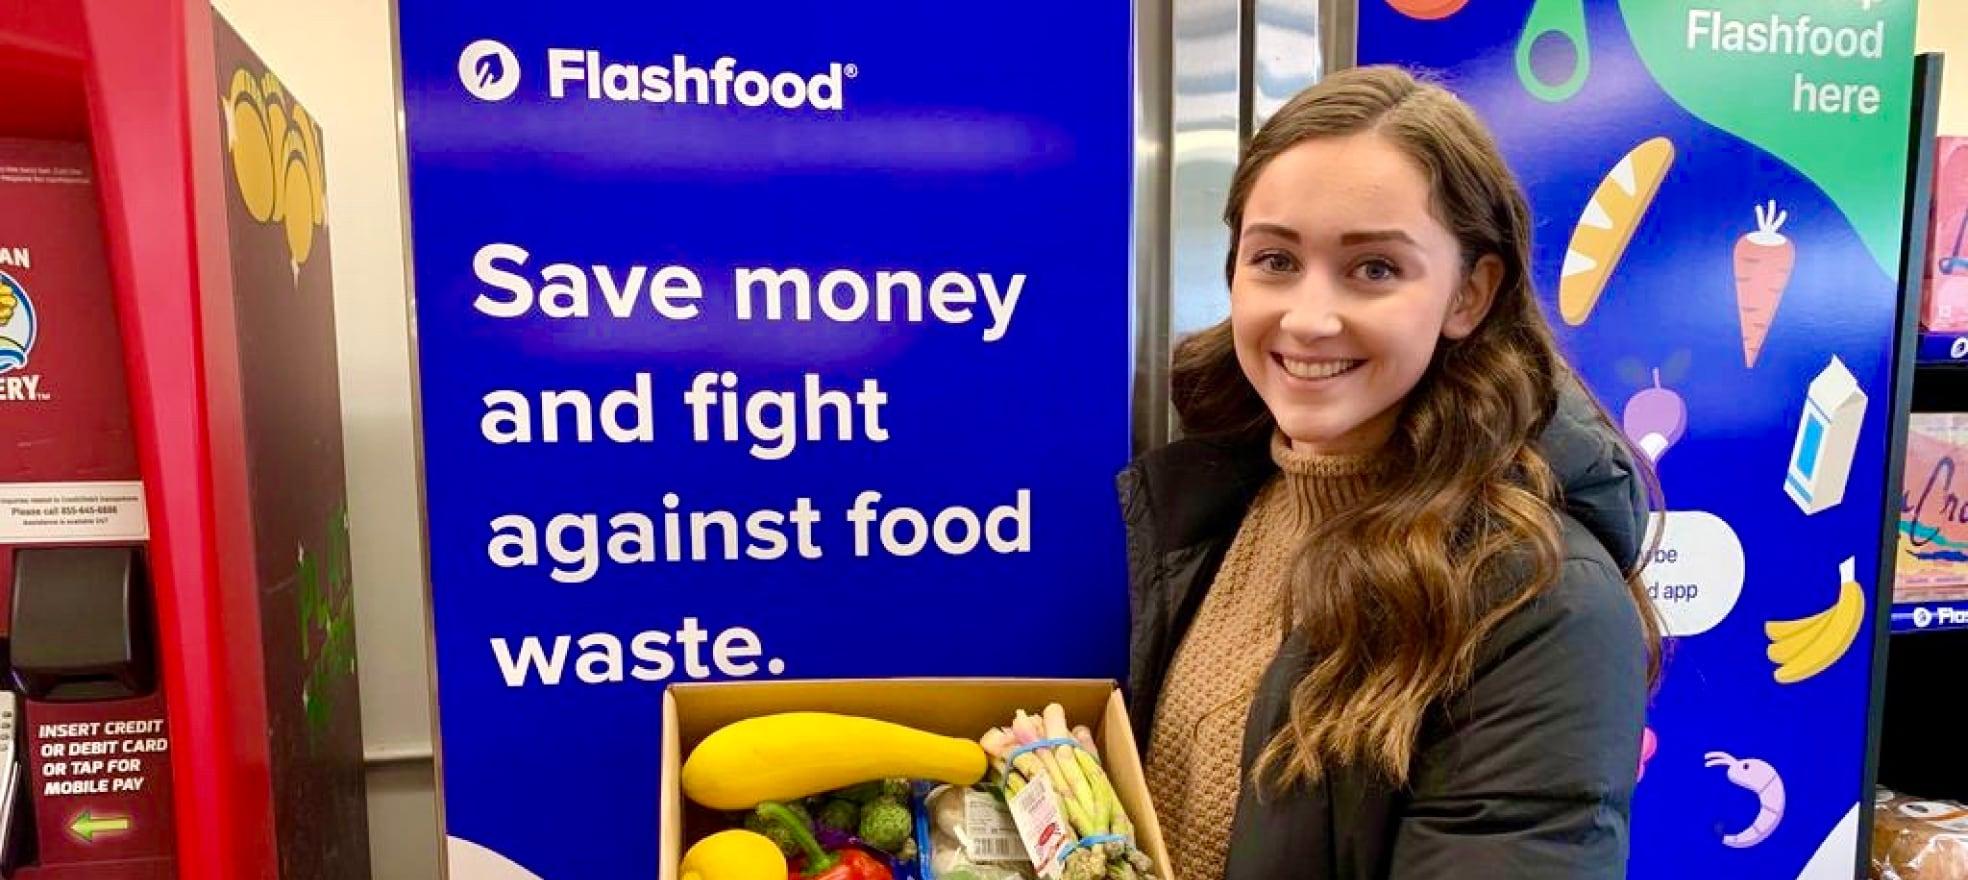 Jeune femme tenant une boîte de légumes frais devant une bannière Flashfood.